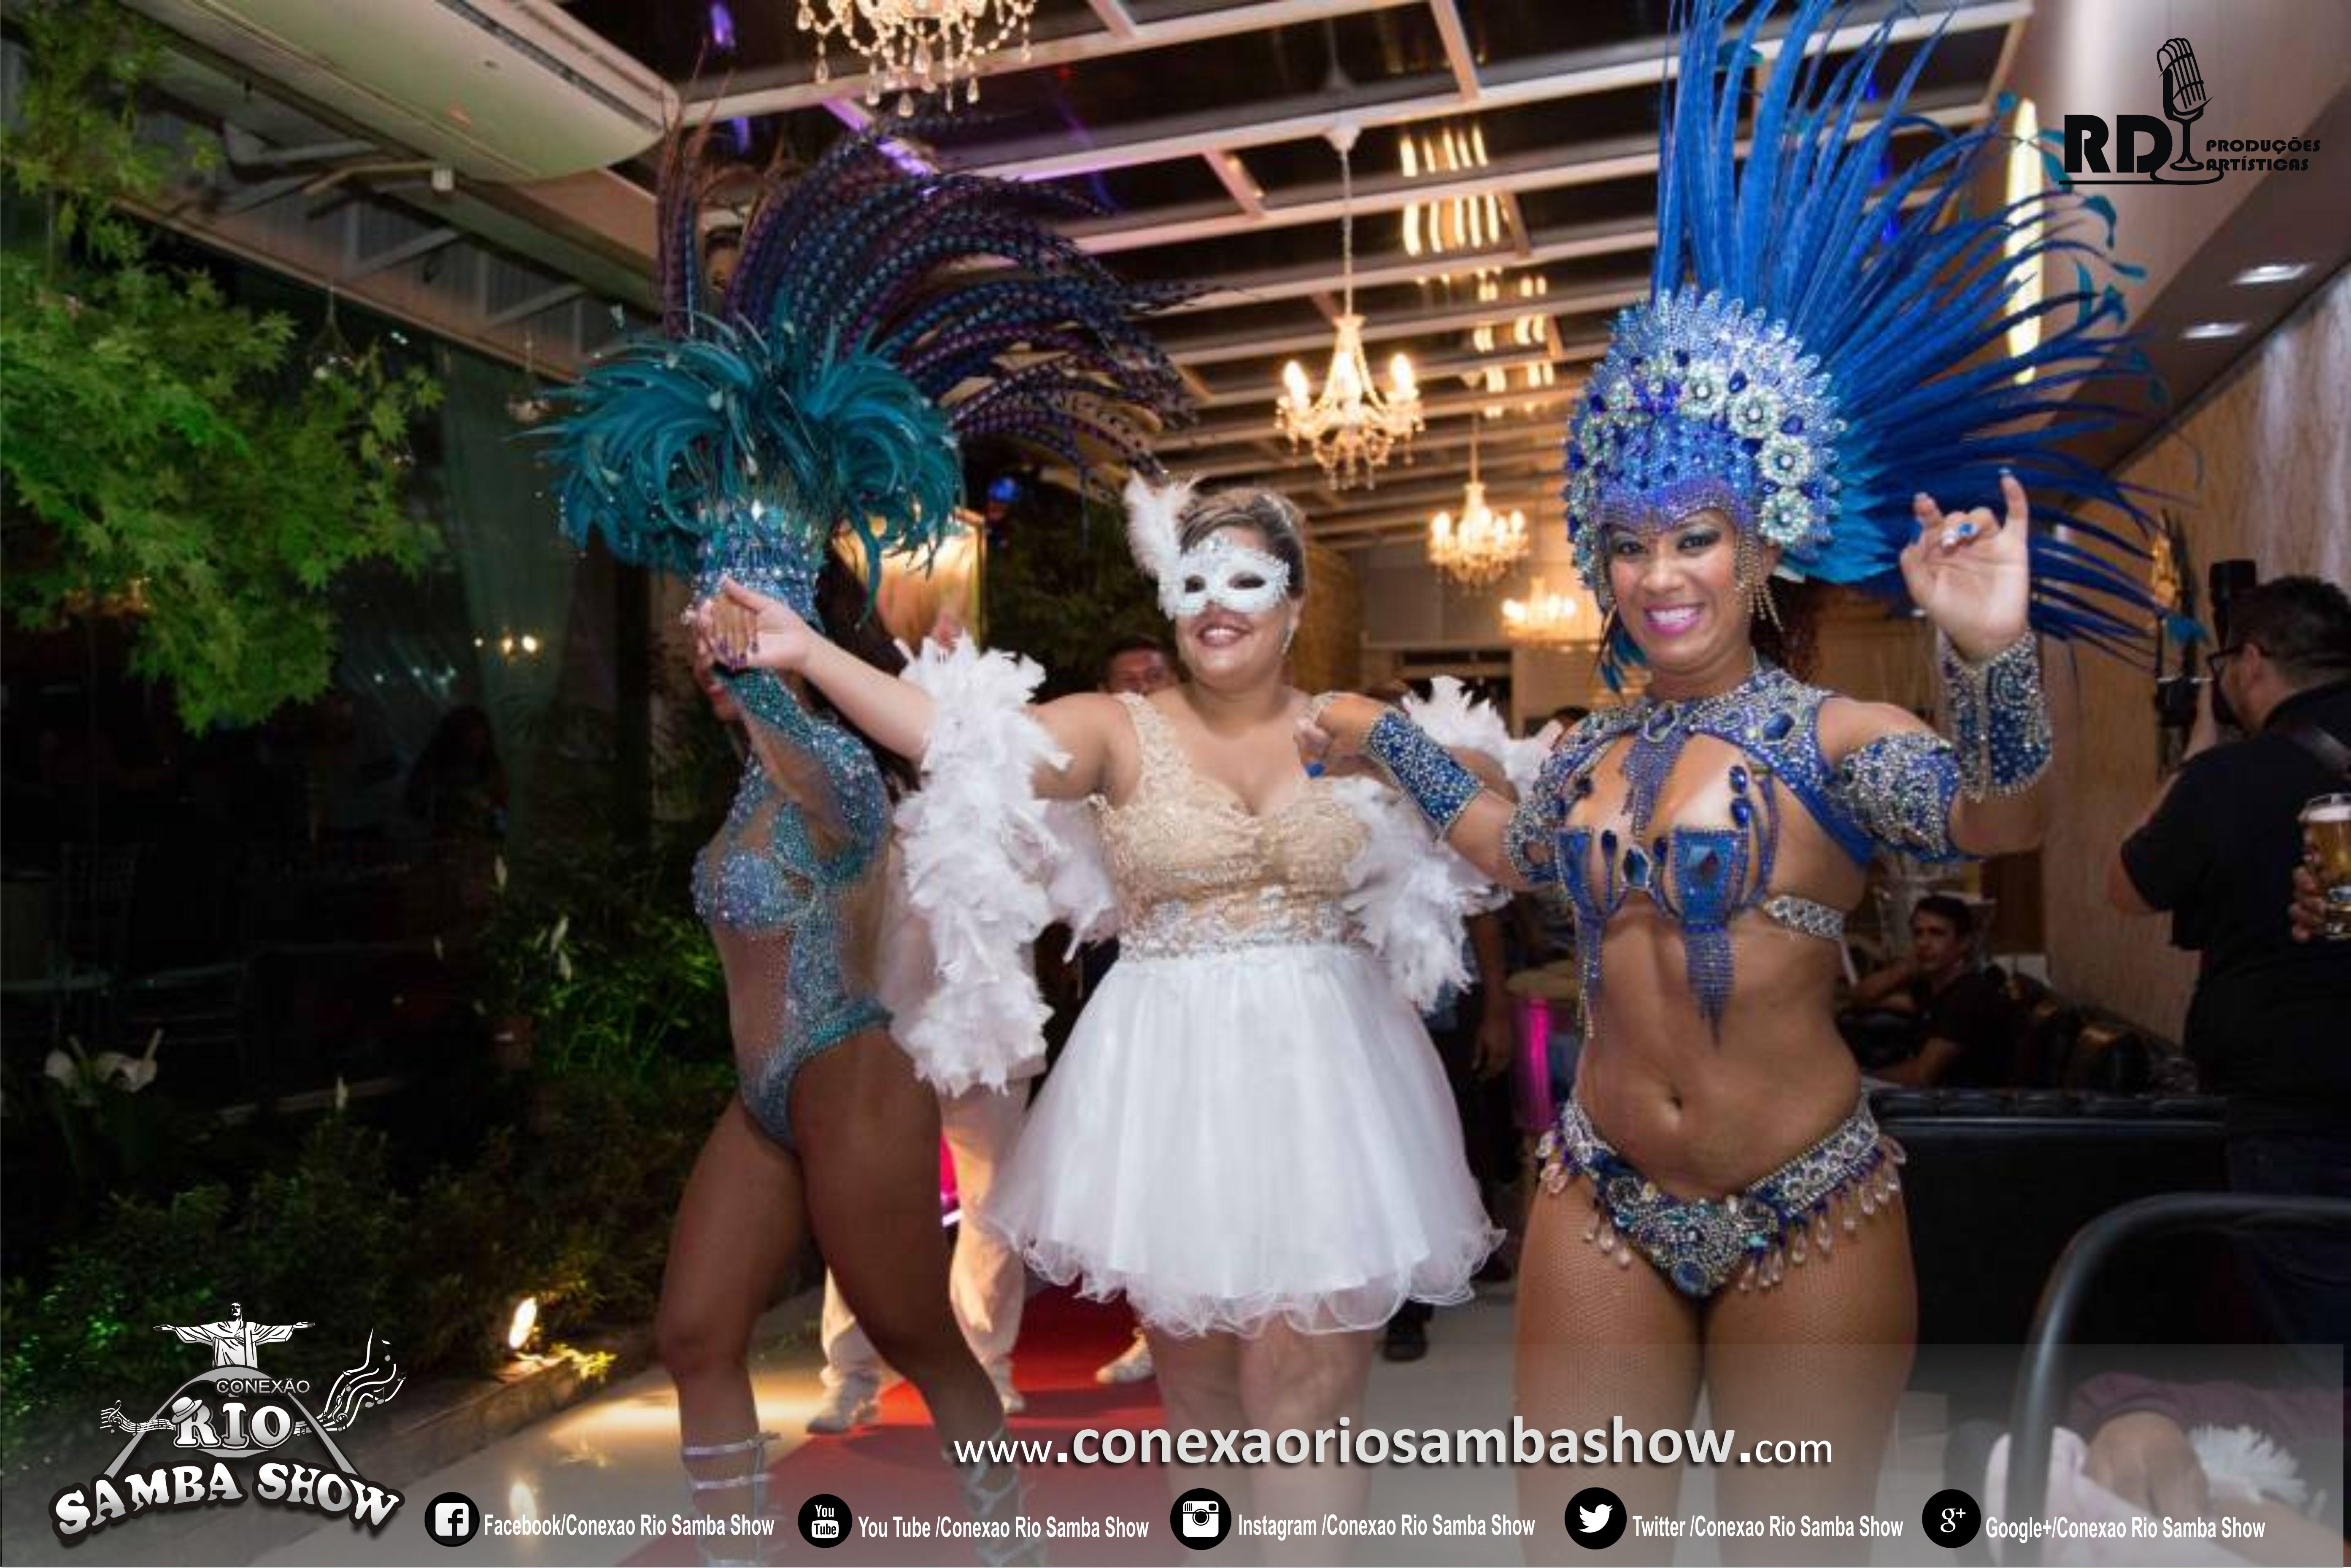 Conexão_rio_samba_show_17